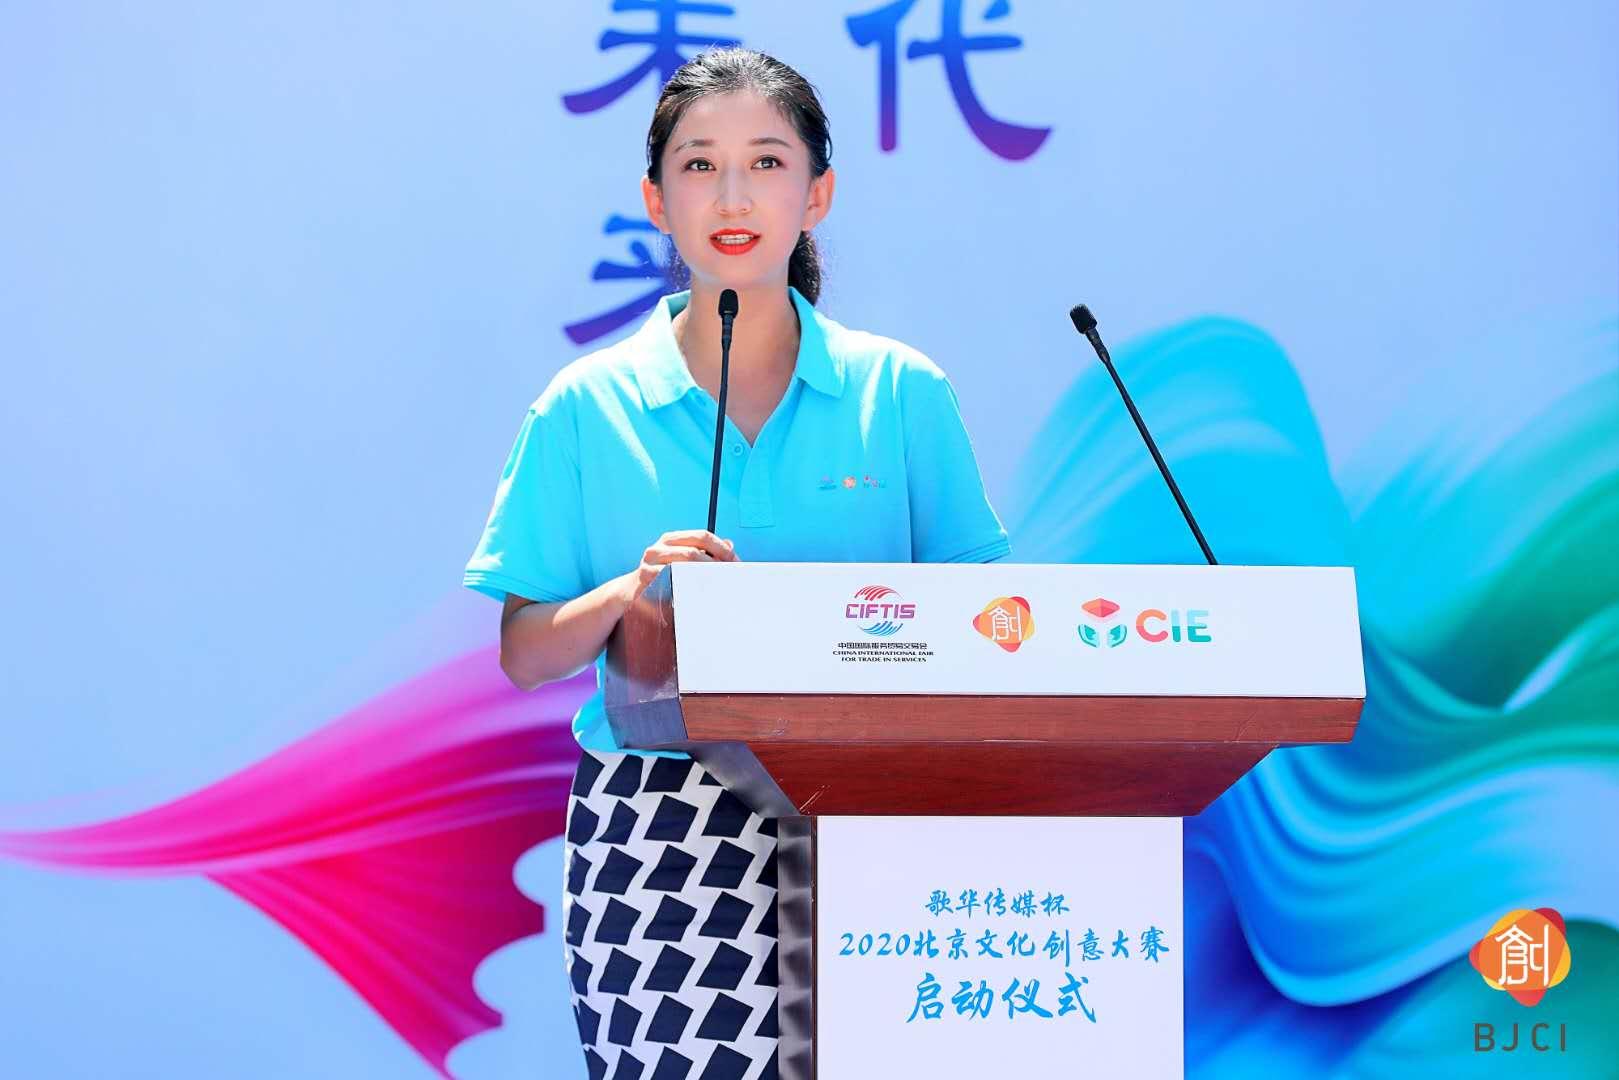 北京文化创意版权保护开发中心代表吴玥发布大赛版权服务方案